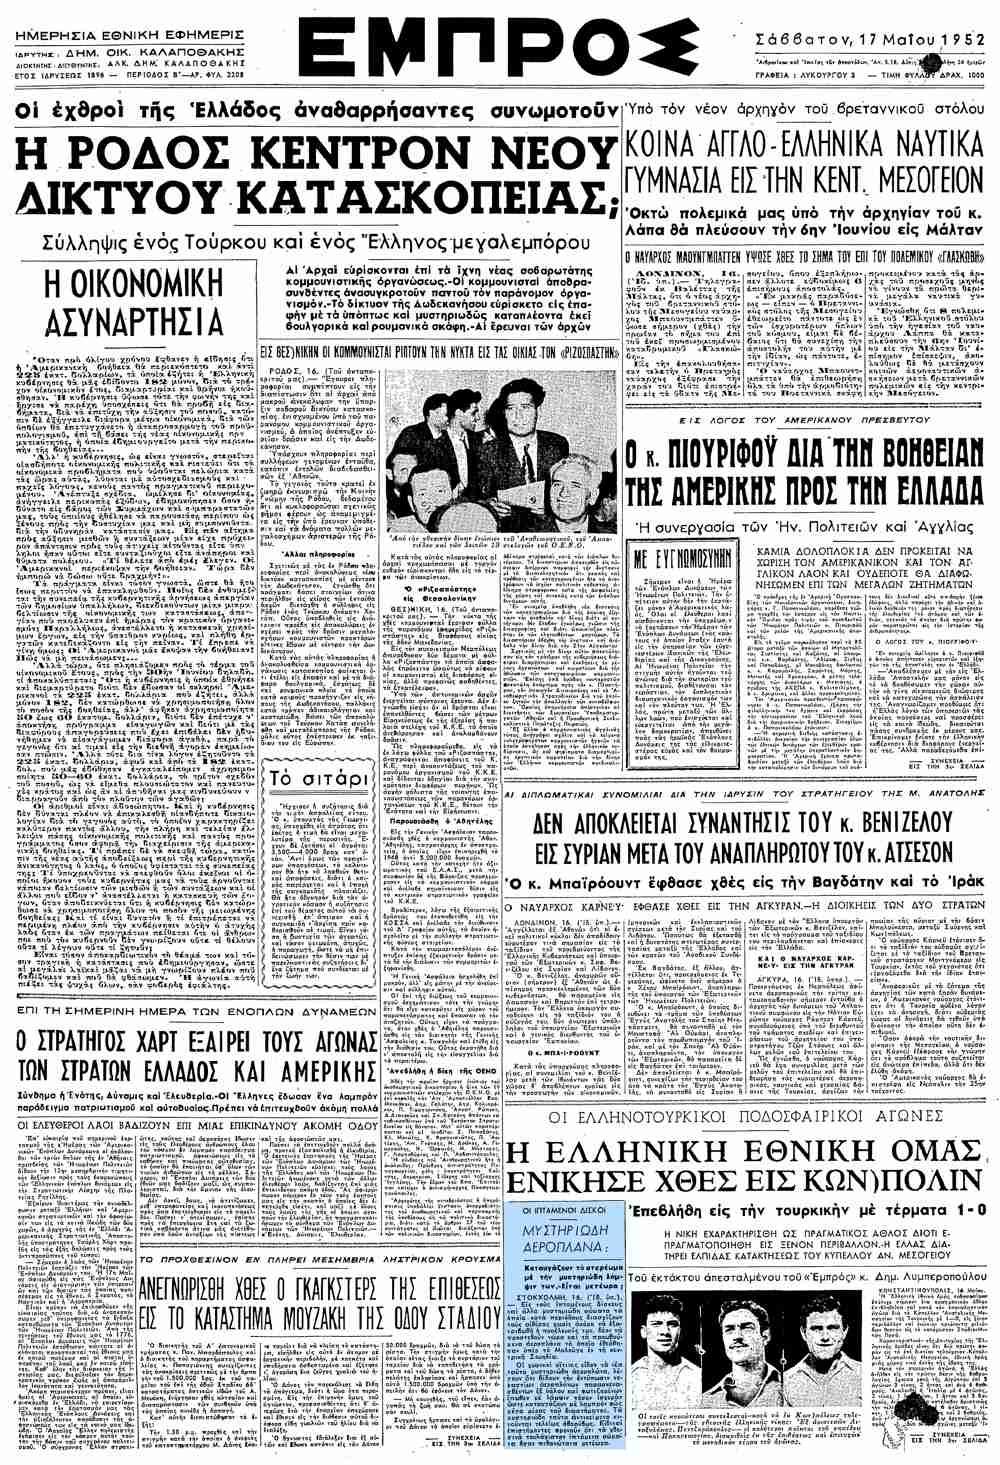 """Το άρθρο, όπως δημοσιεύθηκε στην εφημερίδα """"ΕΜΠΡΟΣ"""", στις 17/05/1952"""